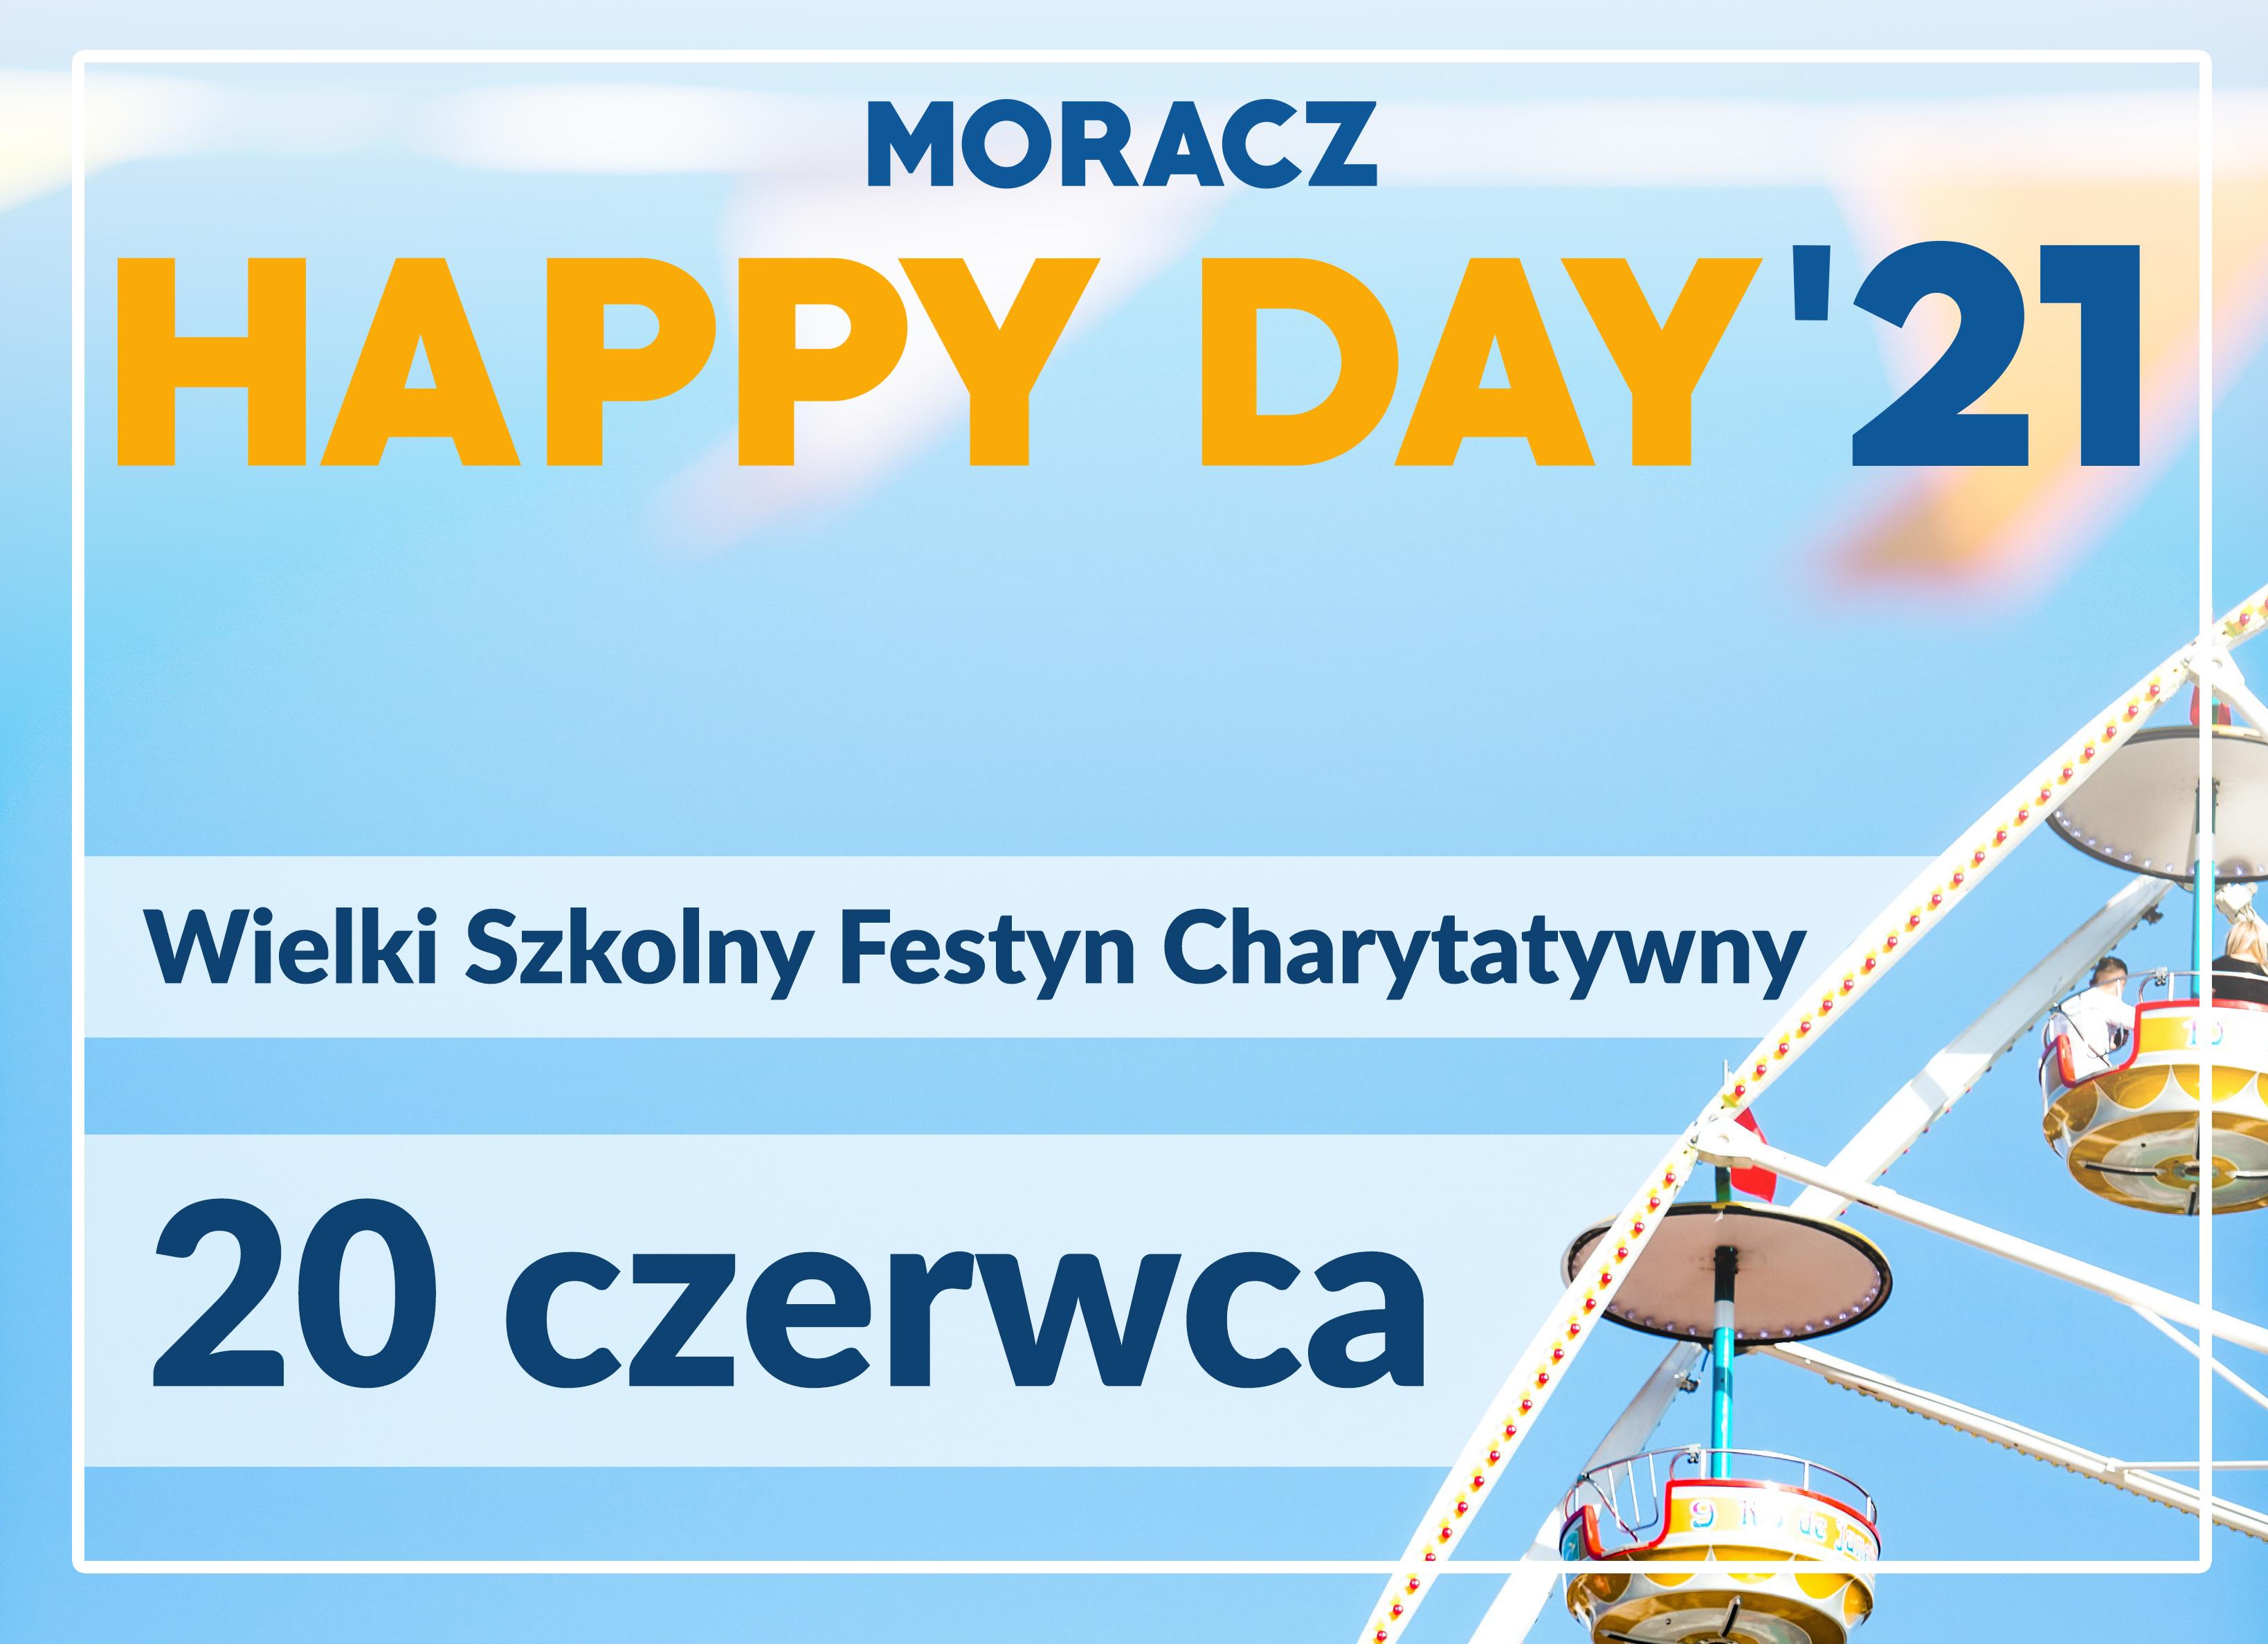 Moracz HAPPY DAY 2021